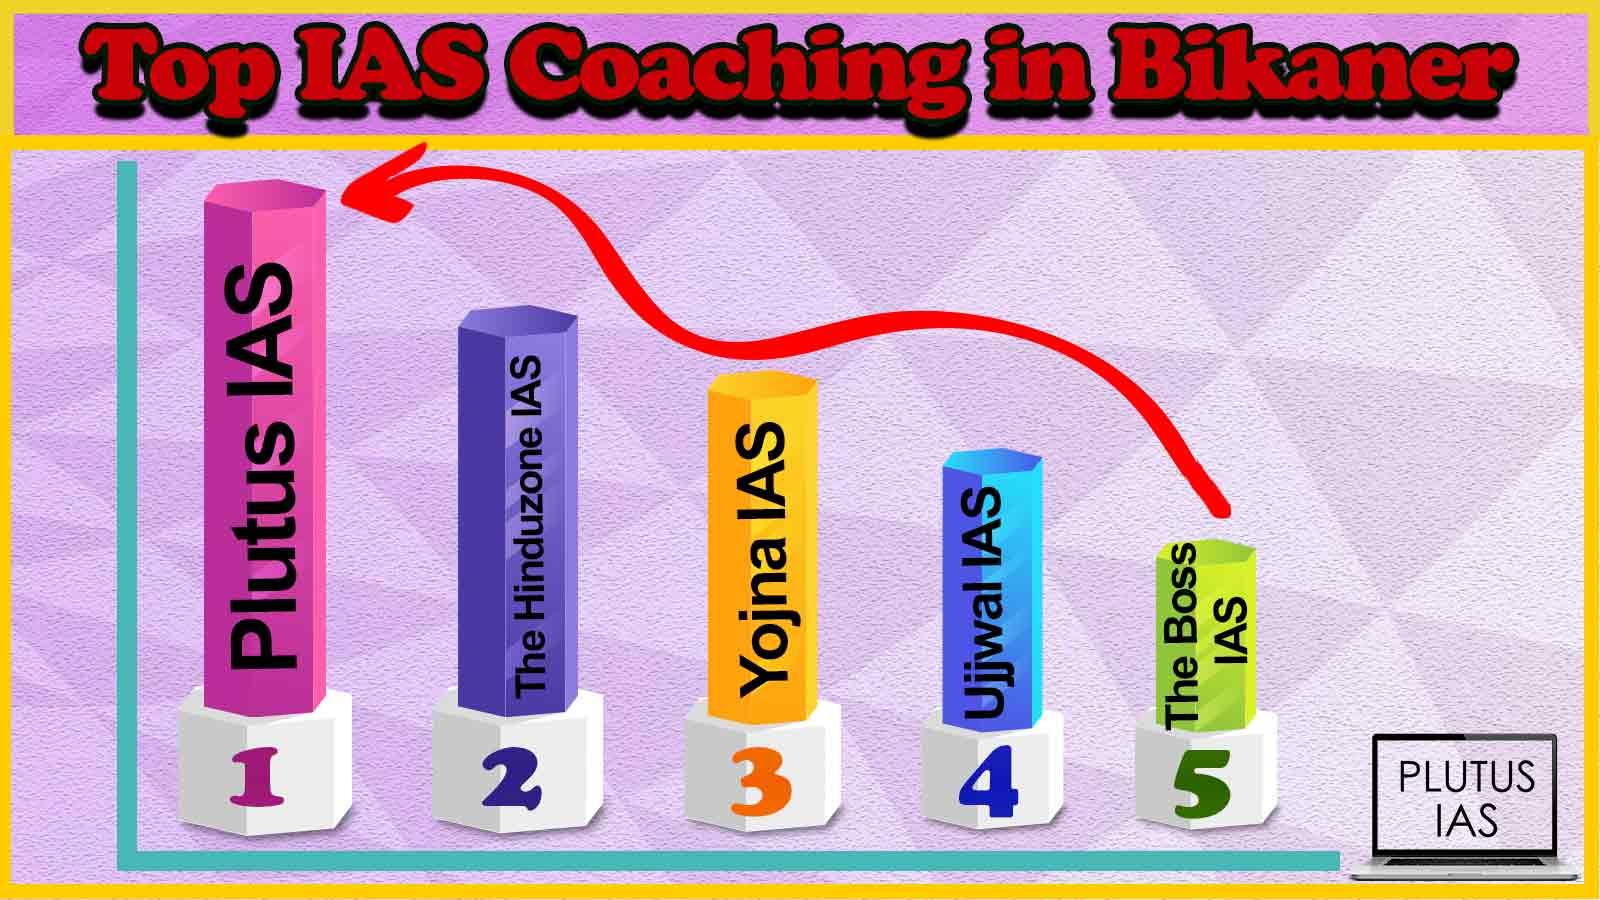 Top 10 IAS Coaching in Bikaner